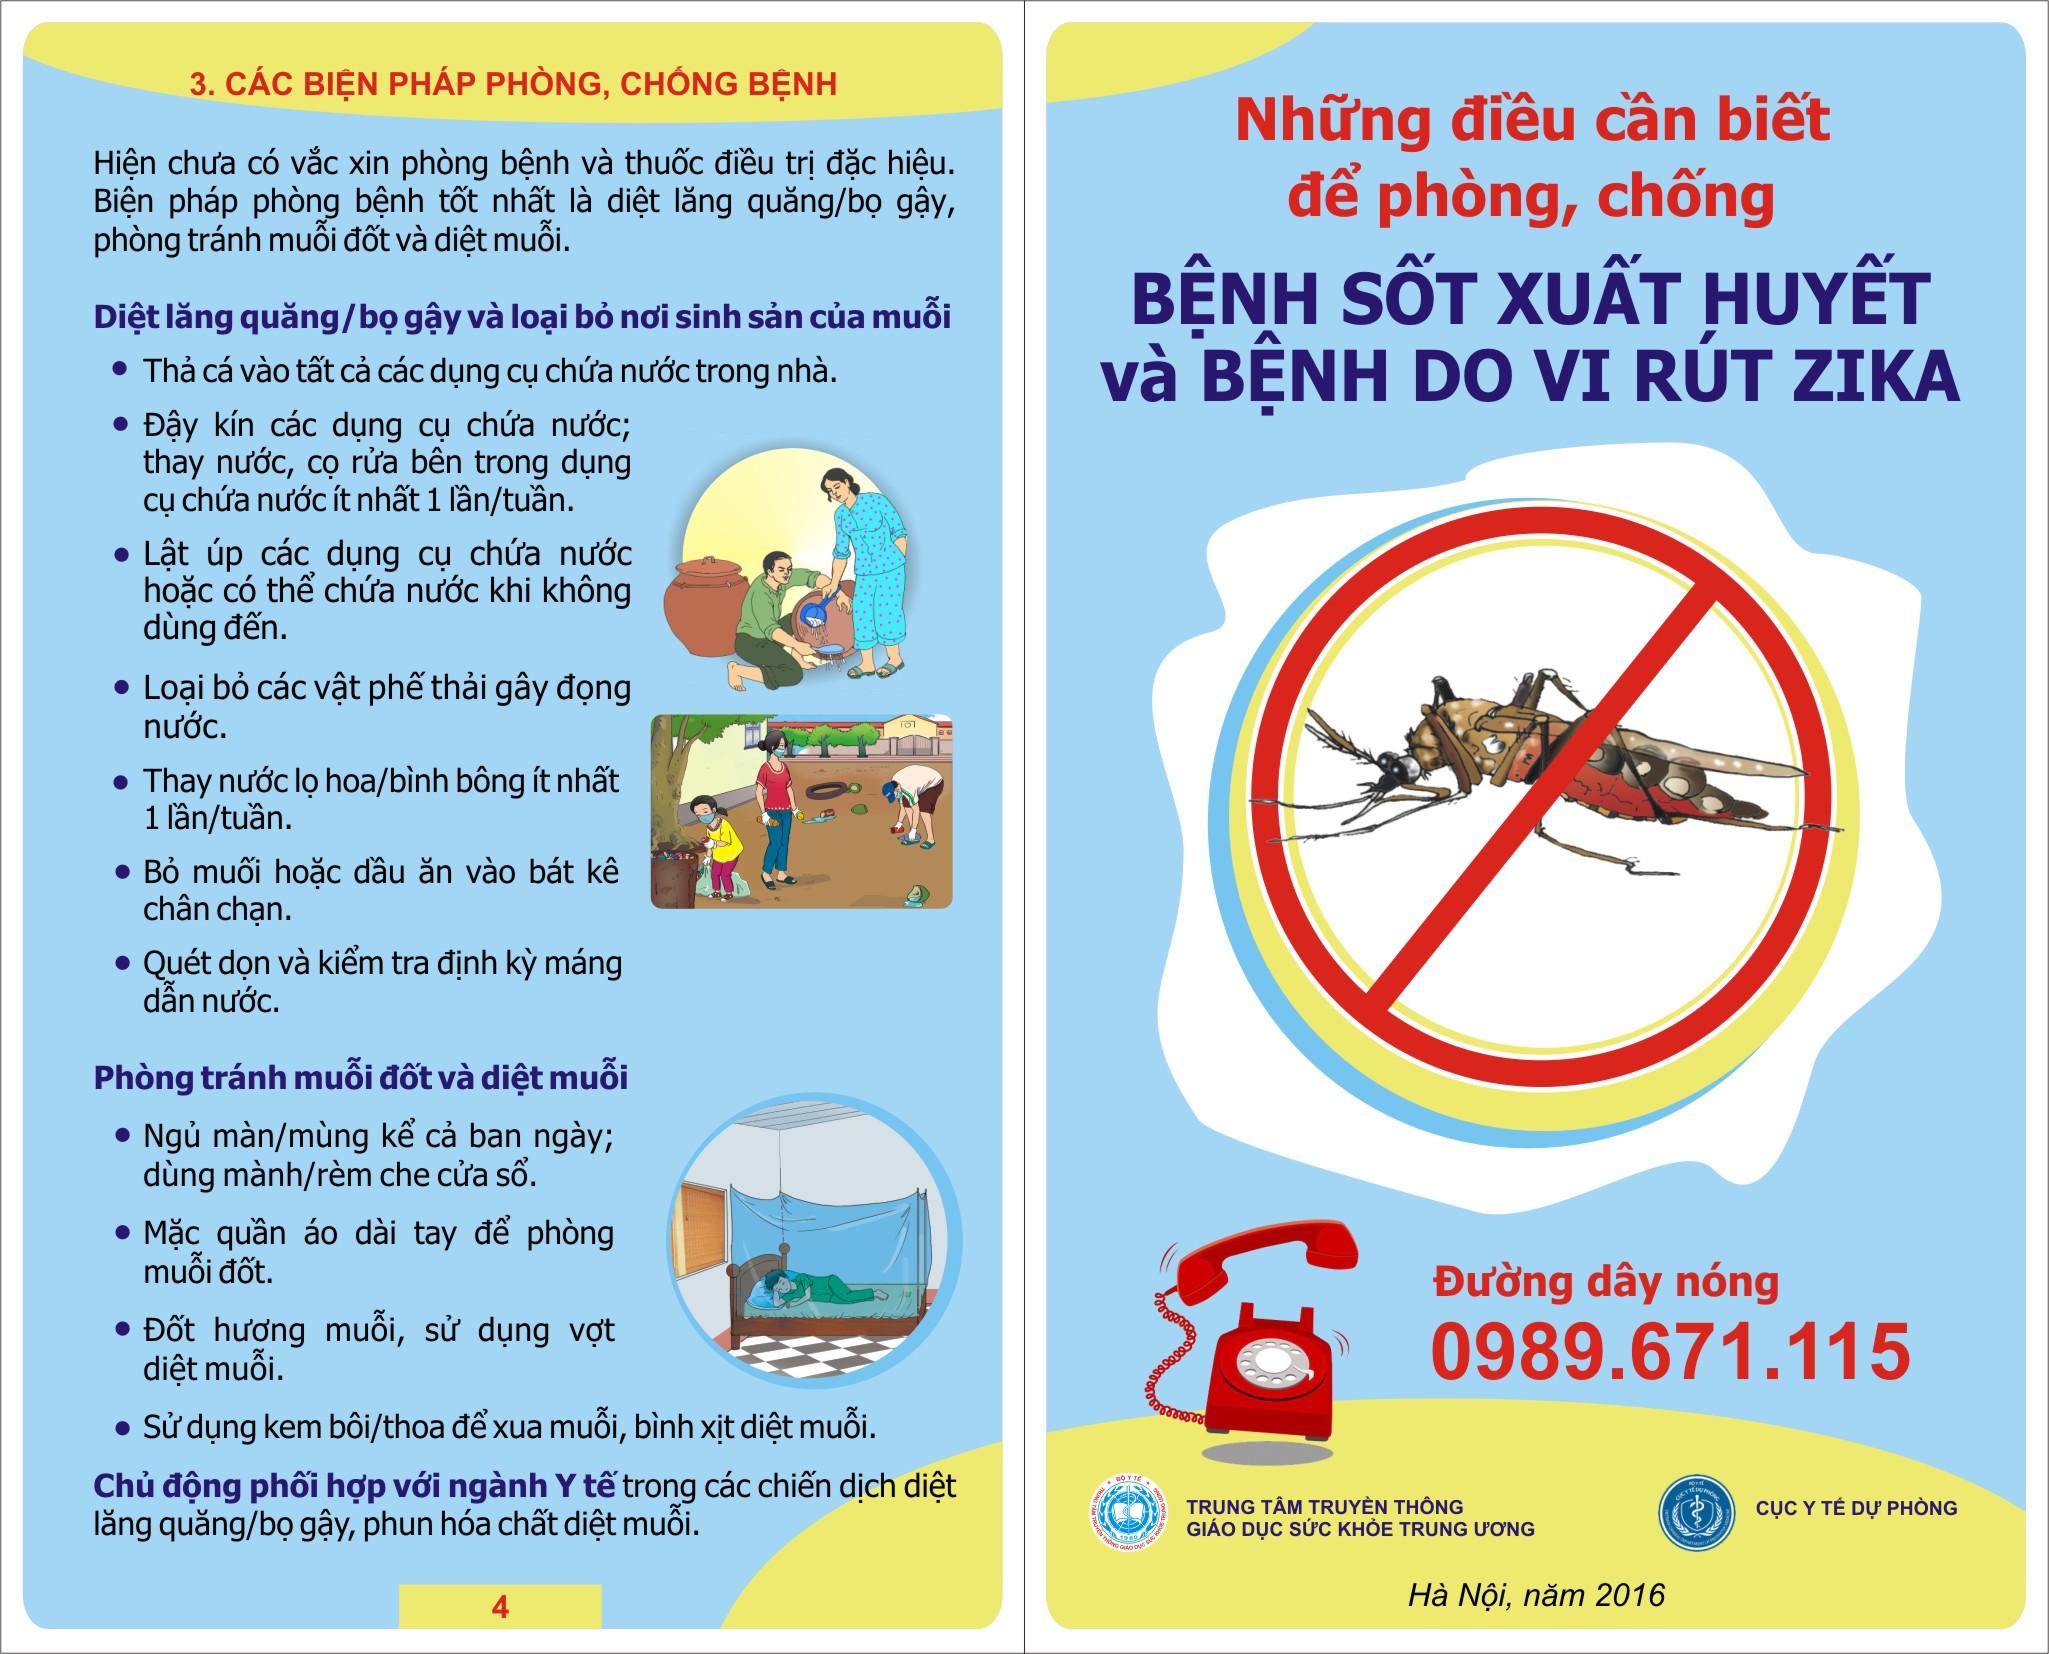 Nguy cơ mắc bệnh do virus lây truyền qua muỗi, côn trùng gia tăng